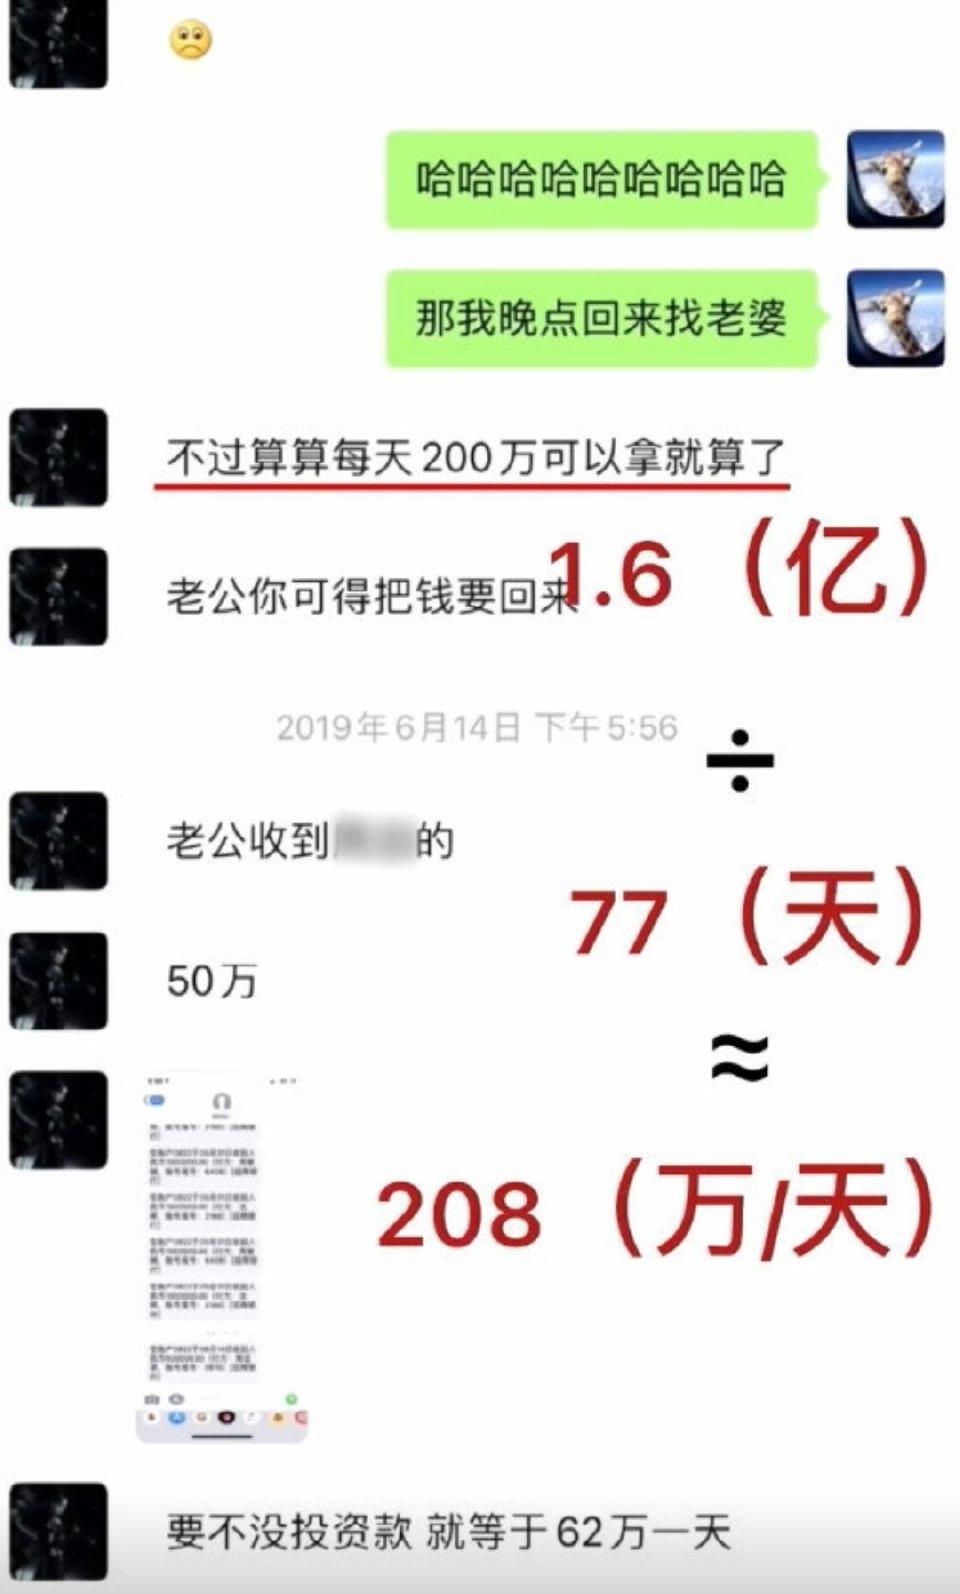 郑爽疑逃税1.6亿遭核查,大批明星闻风注销公司,娱乐圈要变天了?